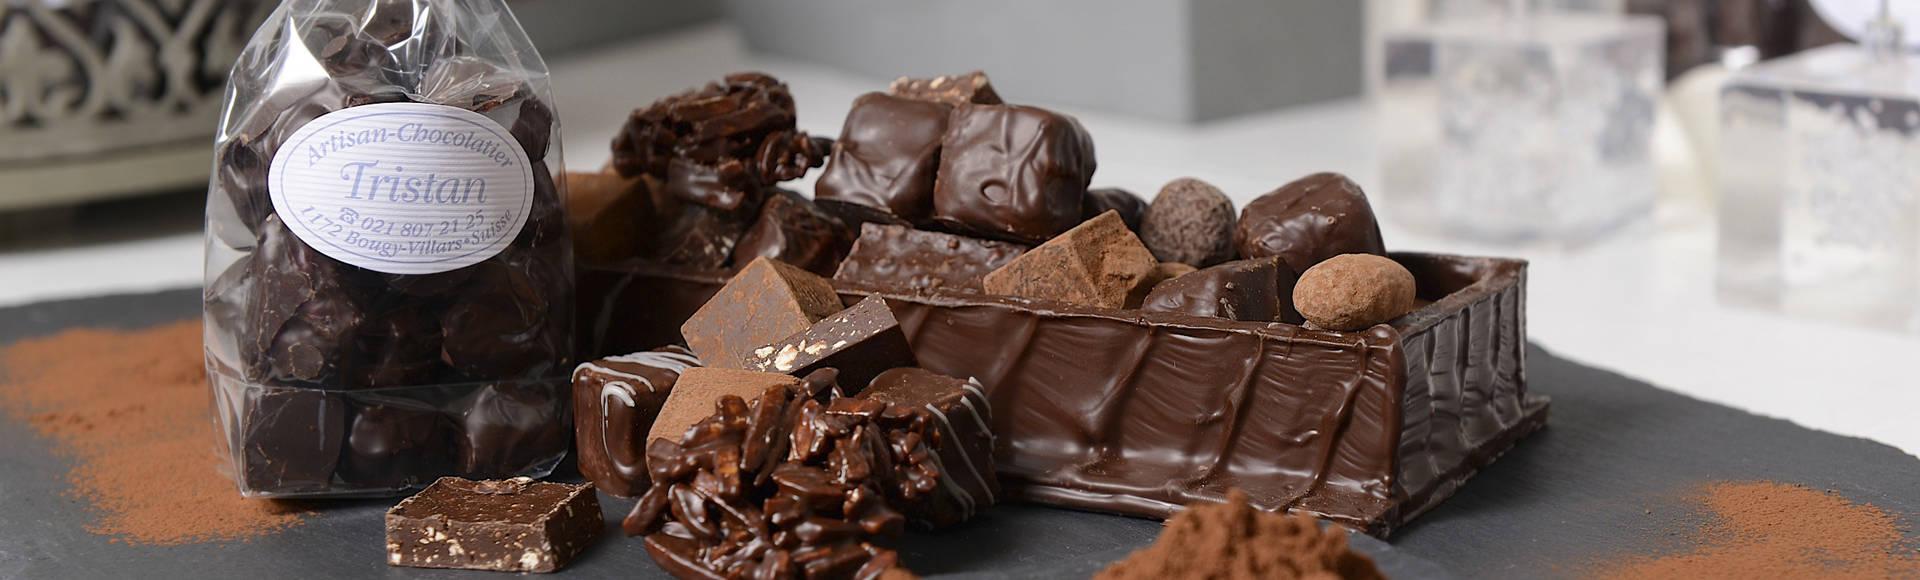 Tristan Chocolatier bannière 4